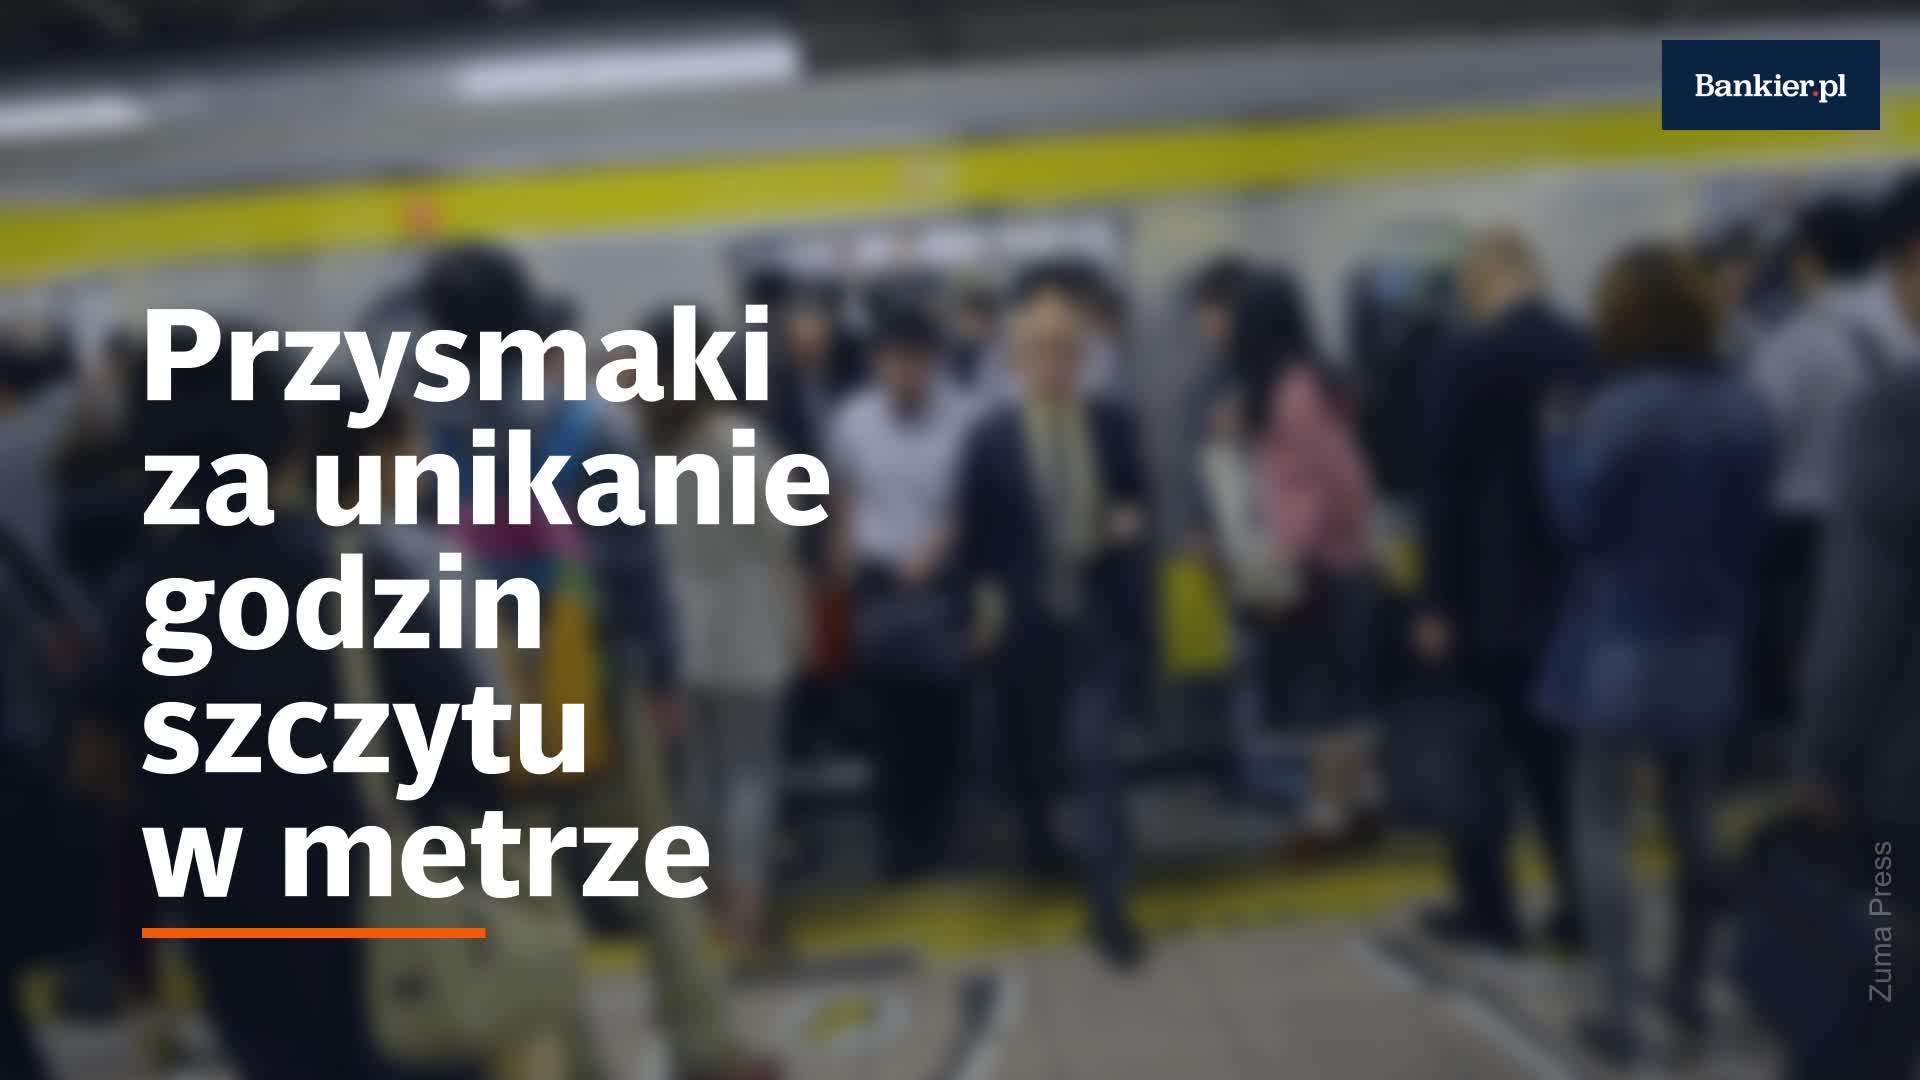 Przysmaki za unikanie godzin szczytu w metrze